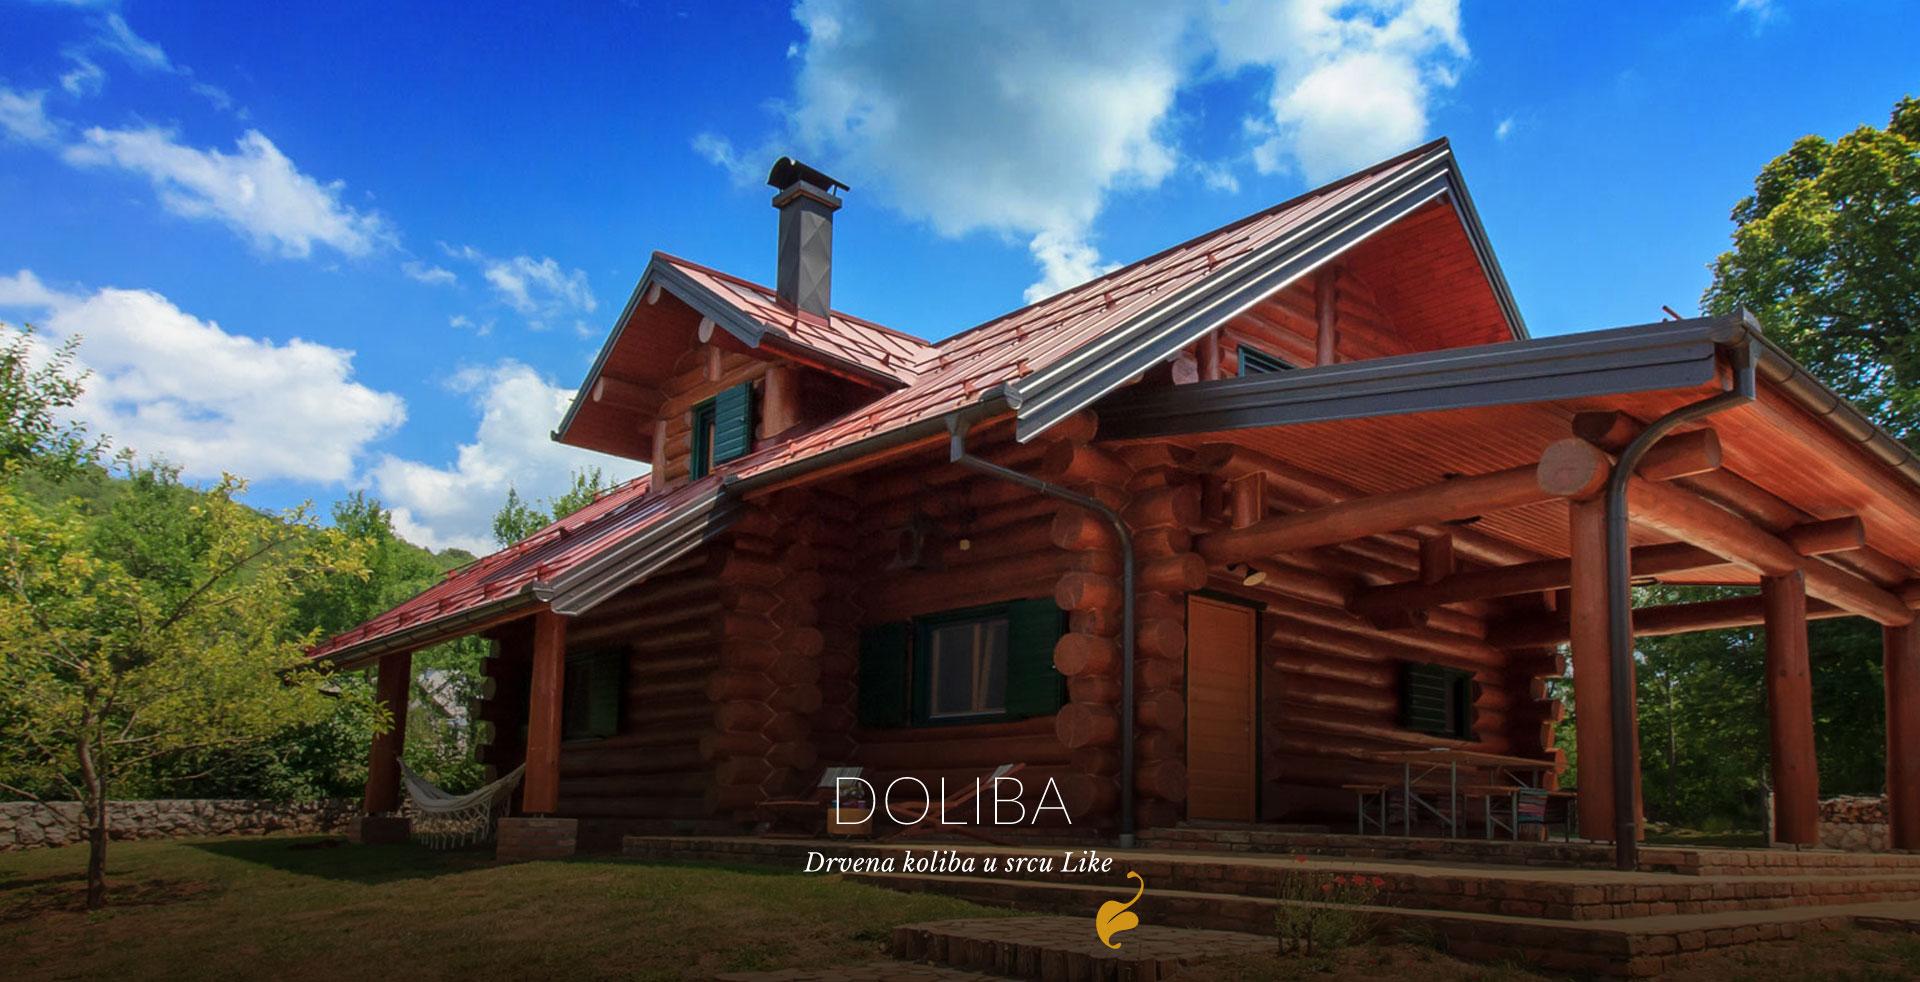 doliba_slide1